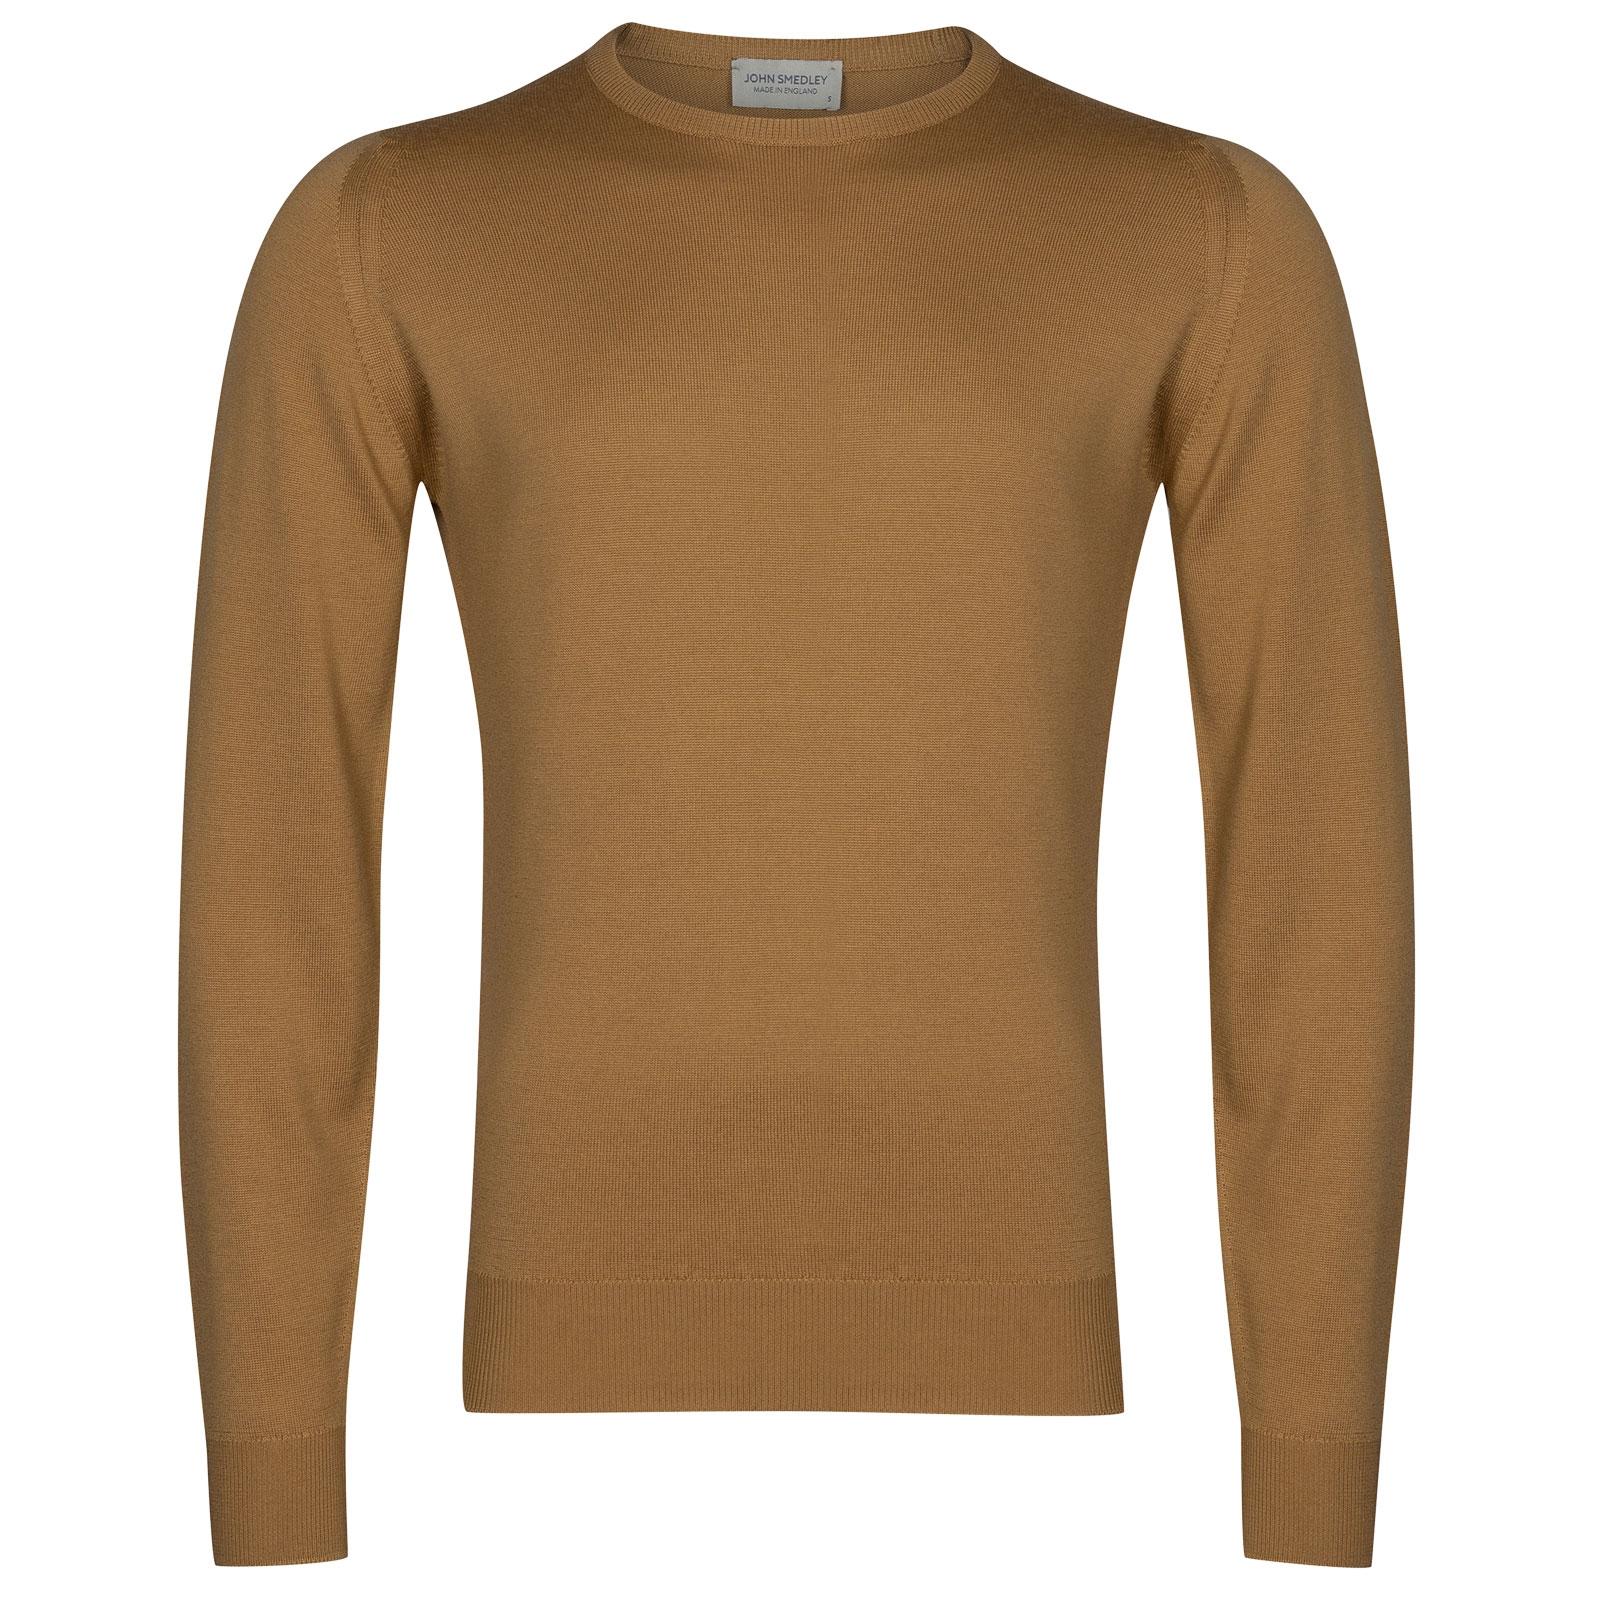 John Smedley Farhill Merino Wool Pullover in Camel-XXL